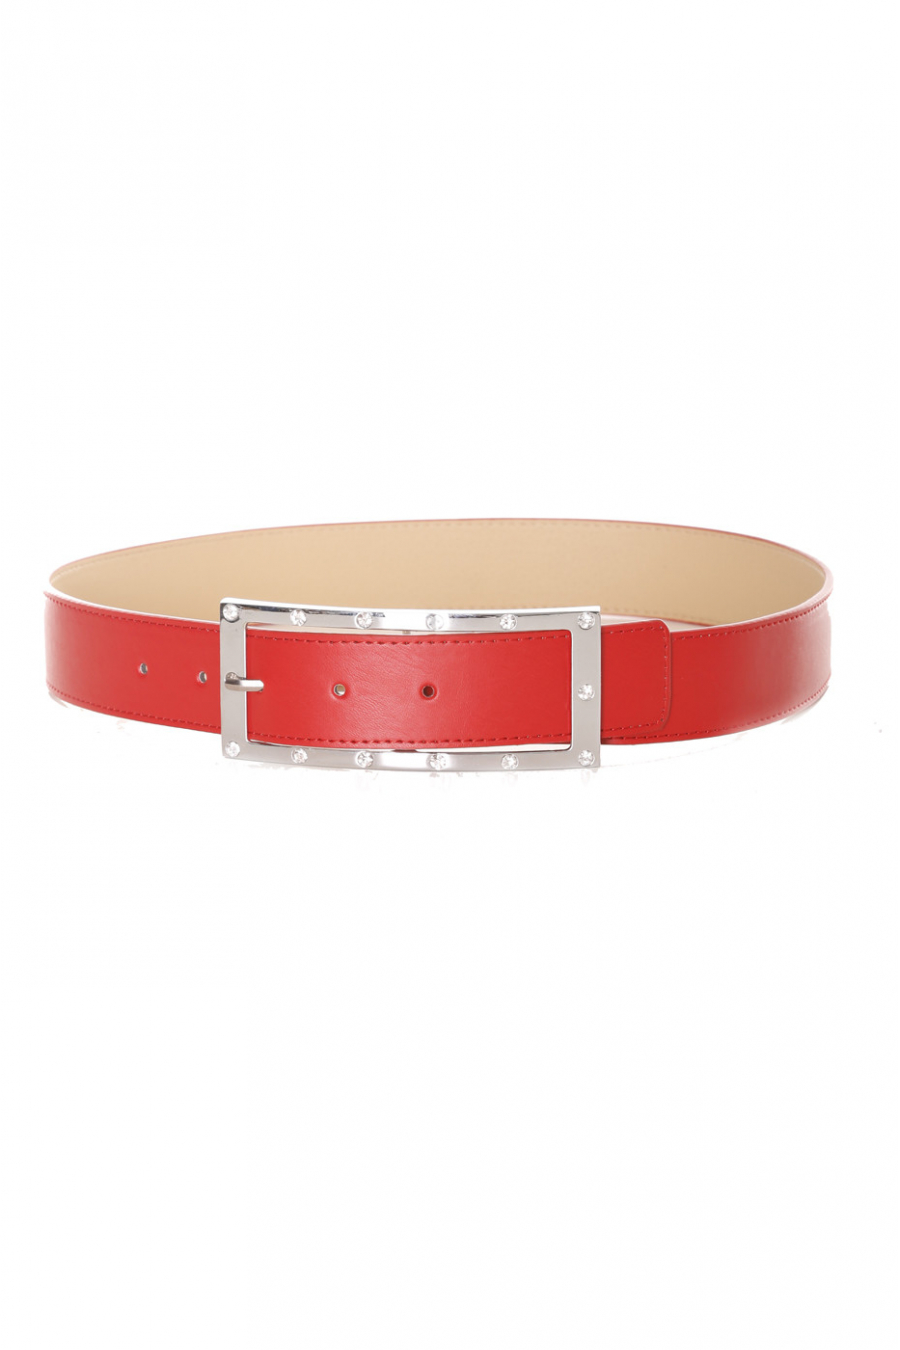 Ceinture rouge boucle avec strass - 9008